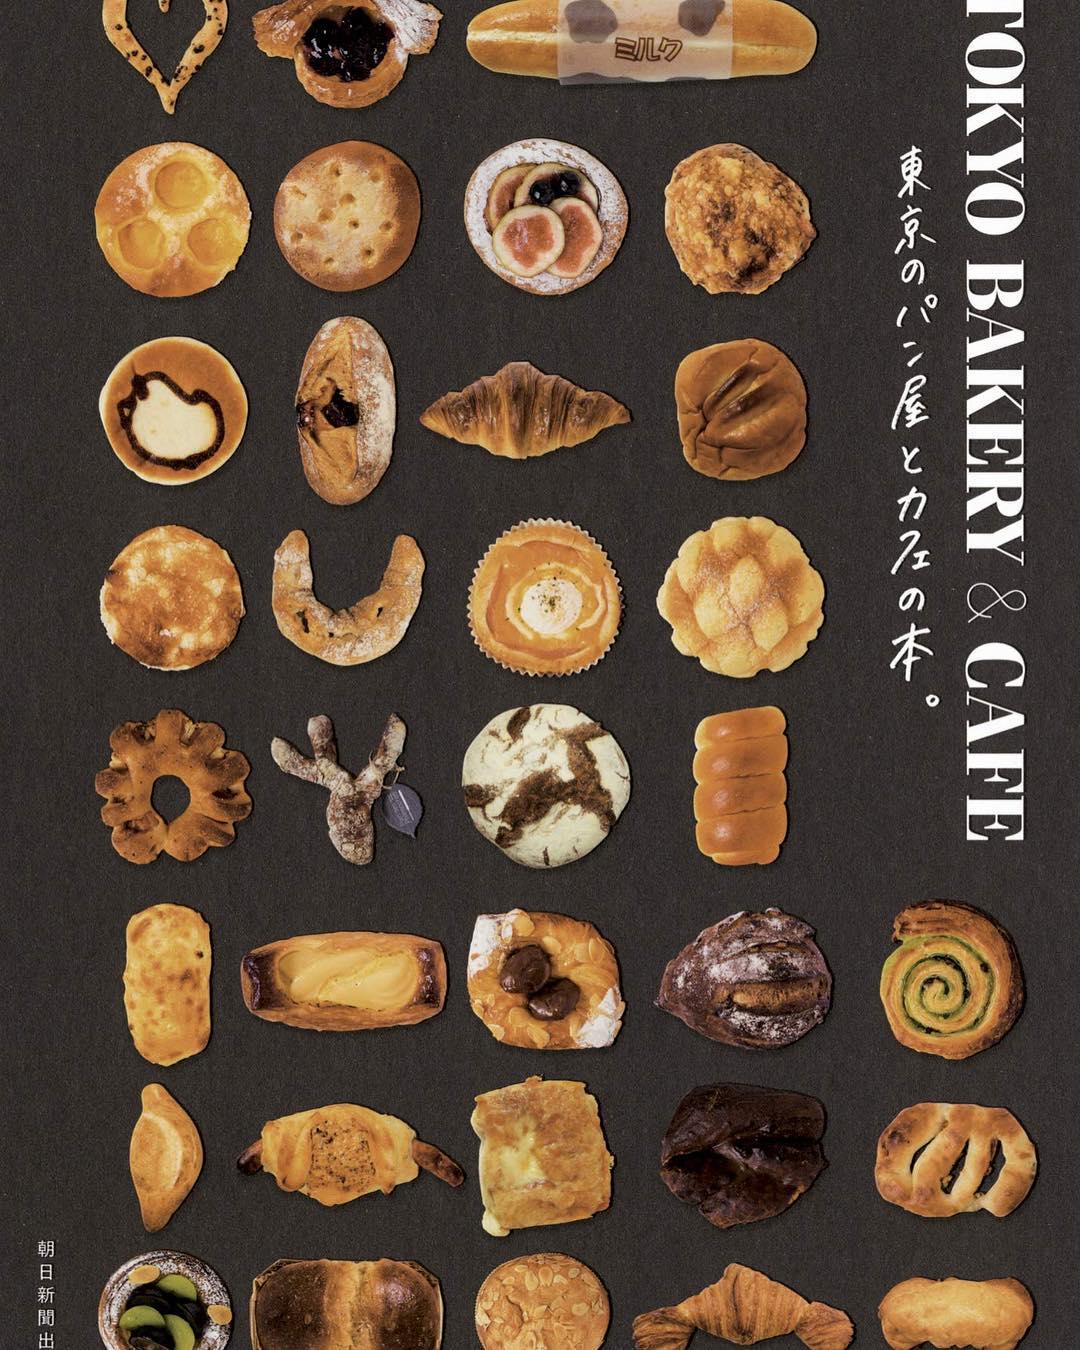 [メディア掲載] TOKYO BAKERY & CAFE 東京のパン屋とカフェの本。にオパンを掲載頂きました(2018.12.11)